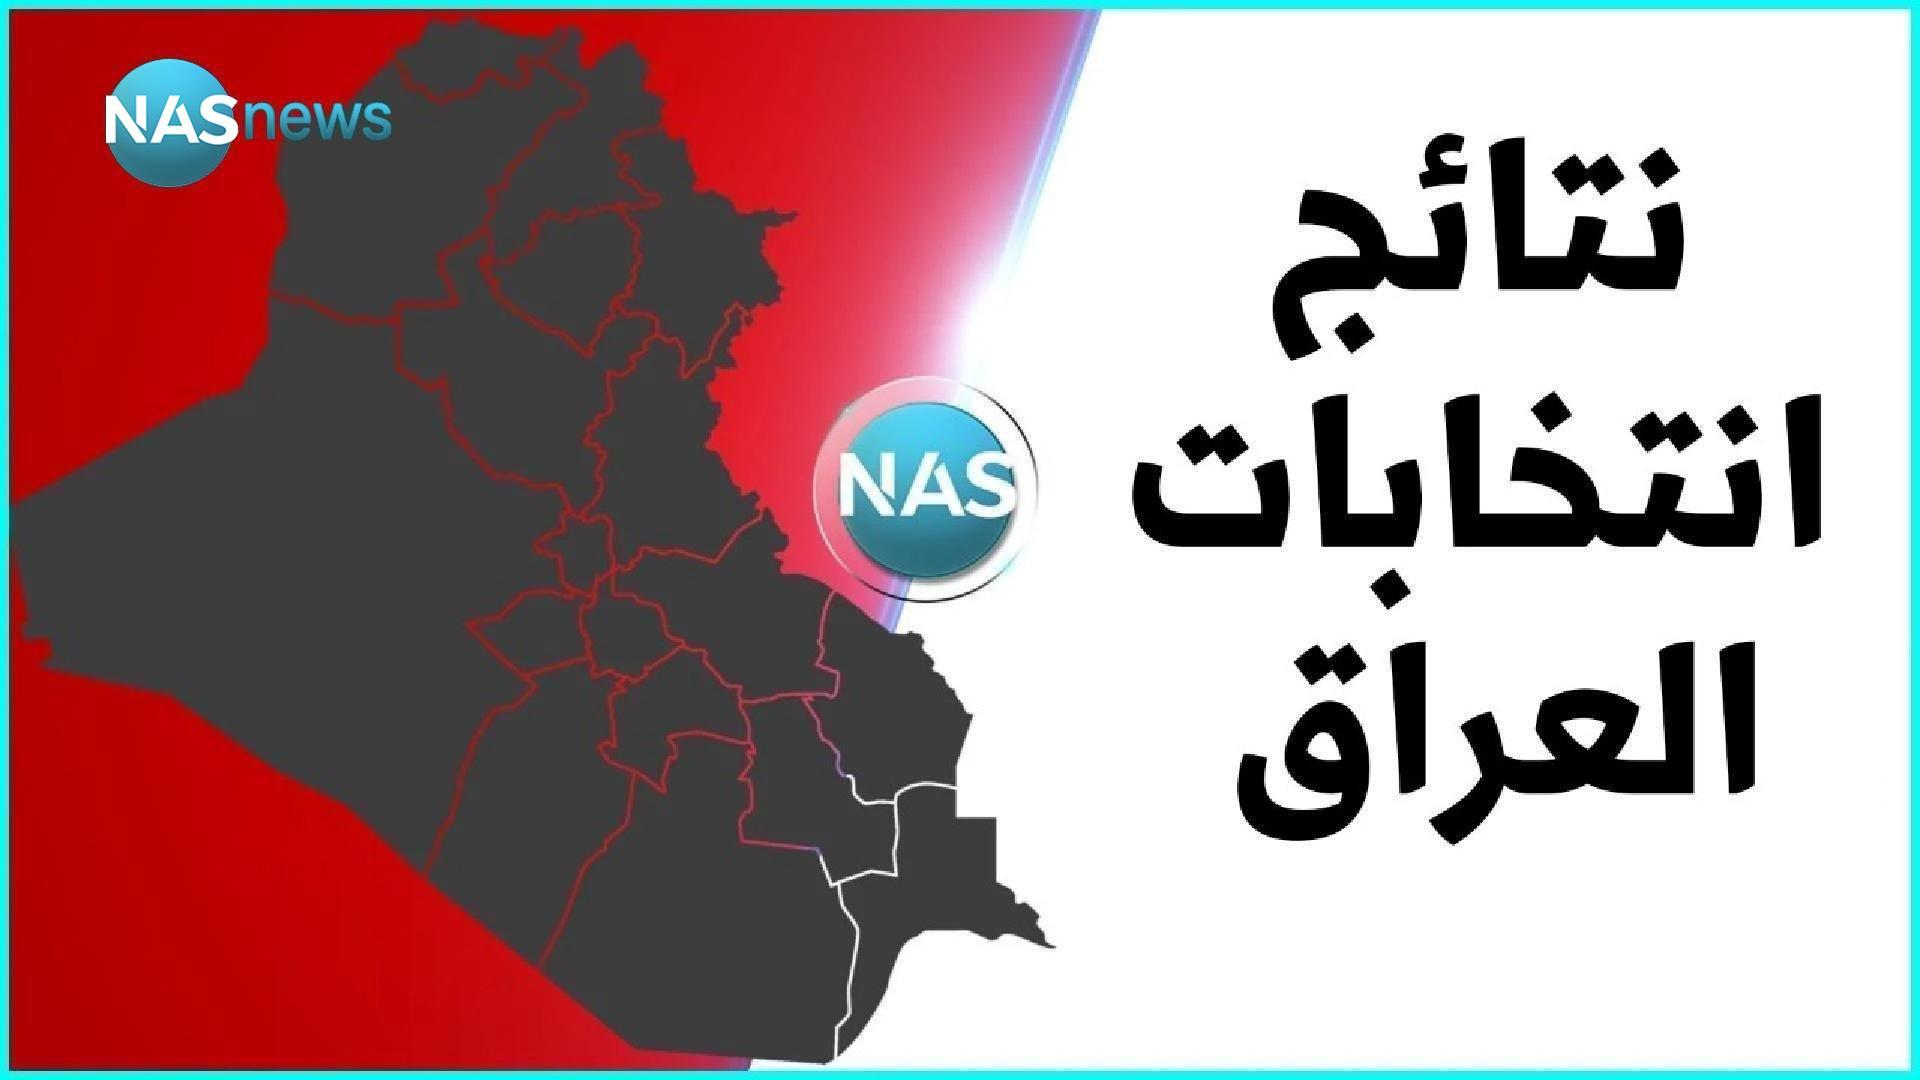 نتائج محطات الاقتراع المحجورة لمحافظة ديالى